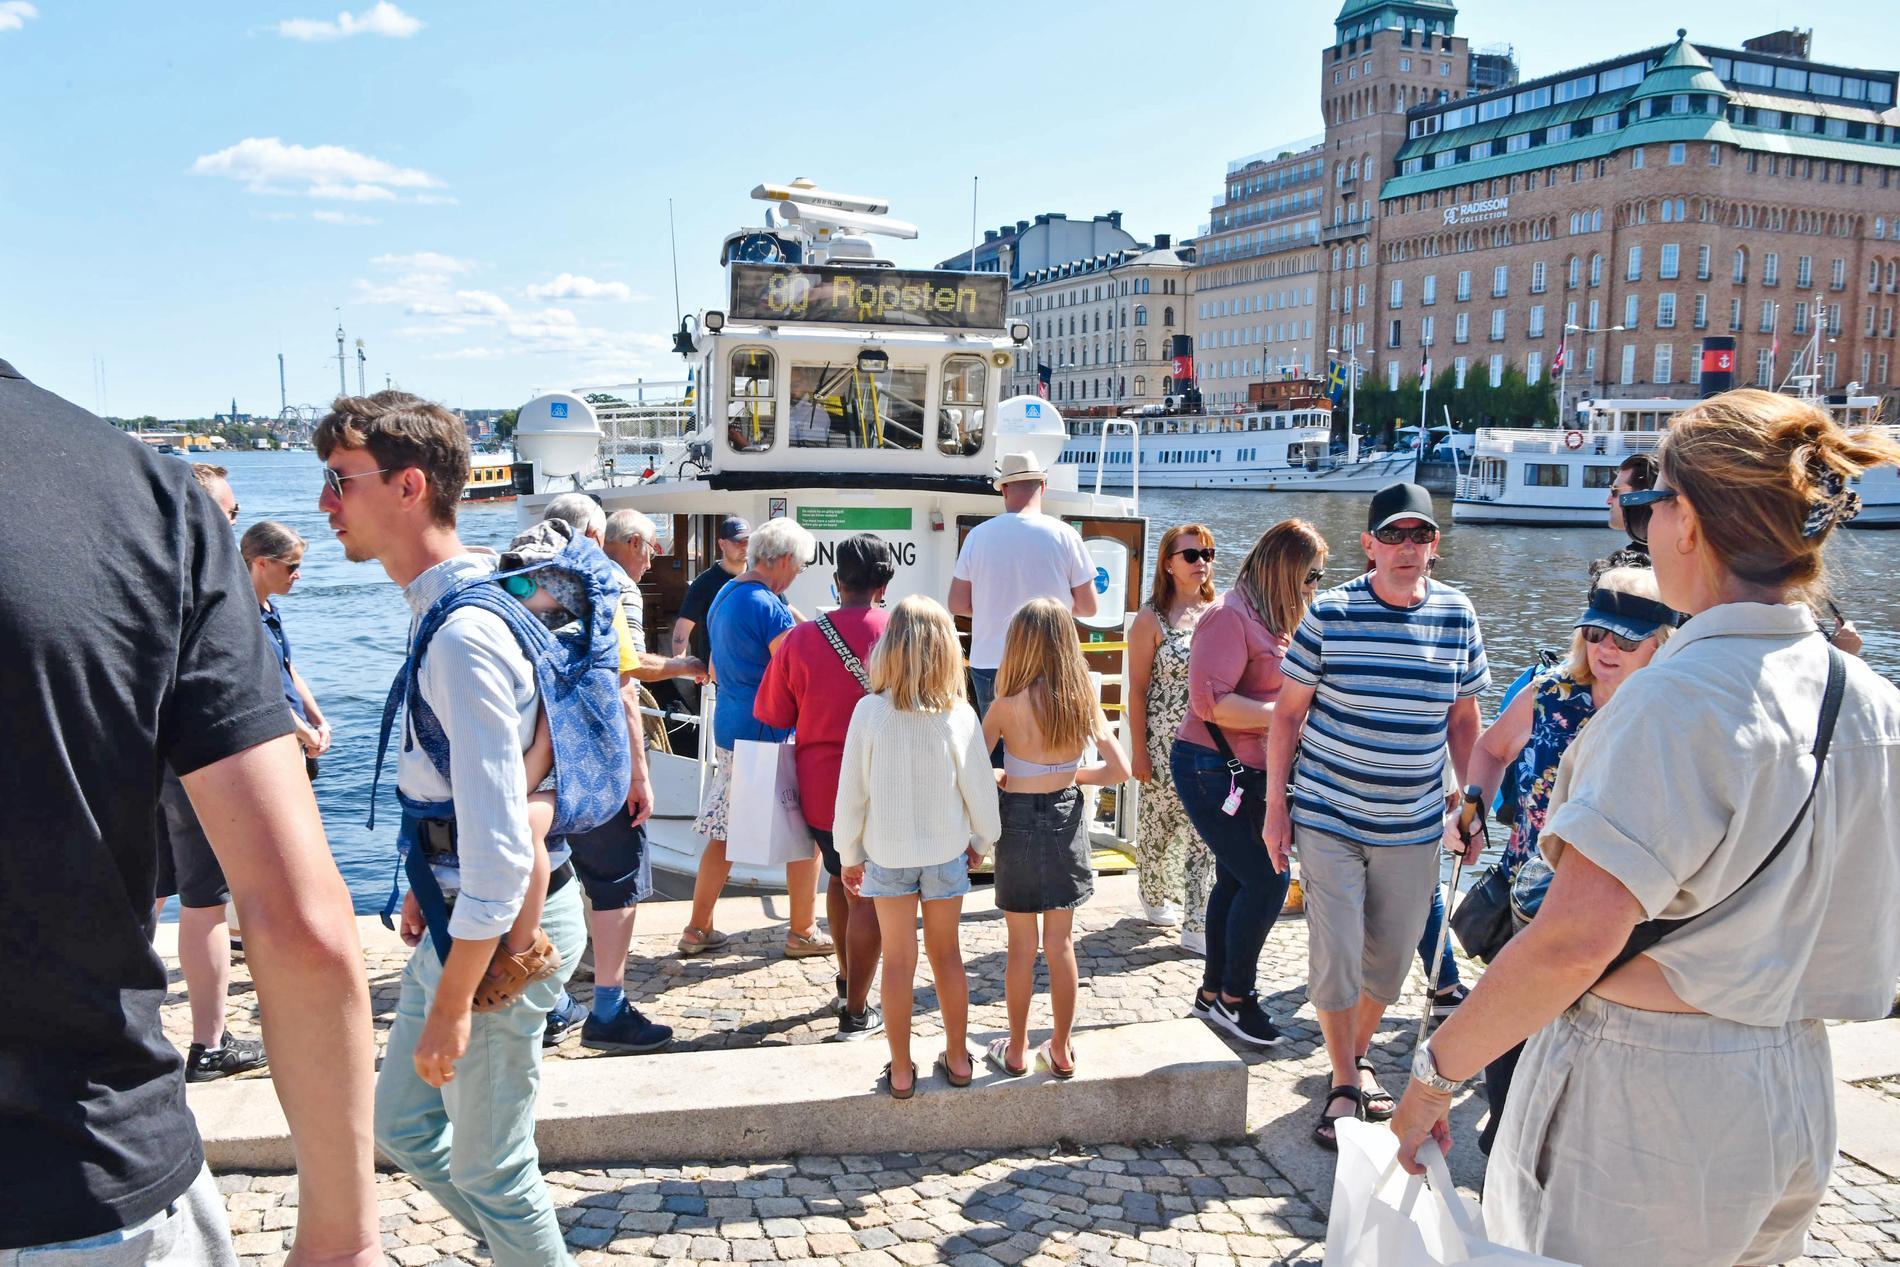 Flera länsstyrelser larmar om ökad trängsel och minskad vilja att följa restriktioner. Bilden är tagen i Stockholm.